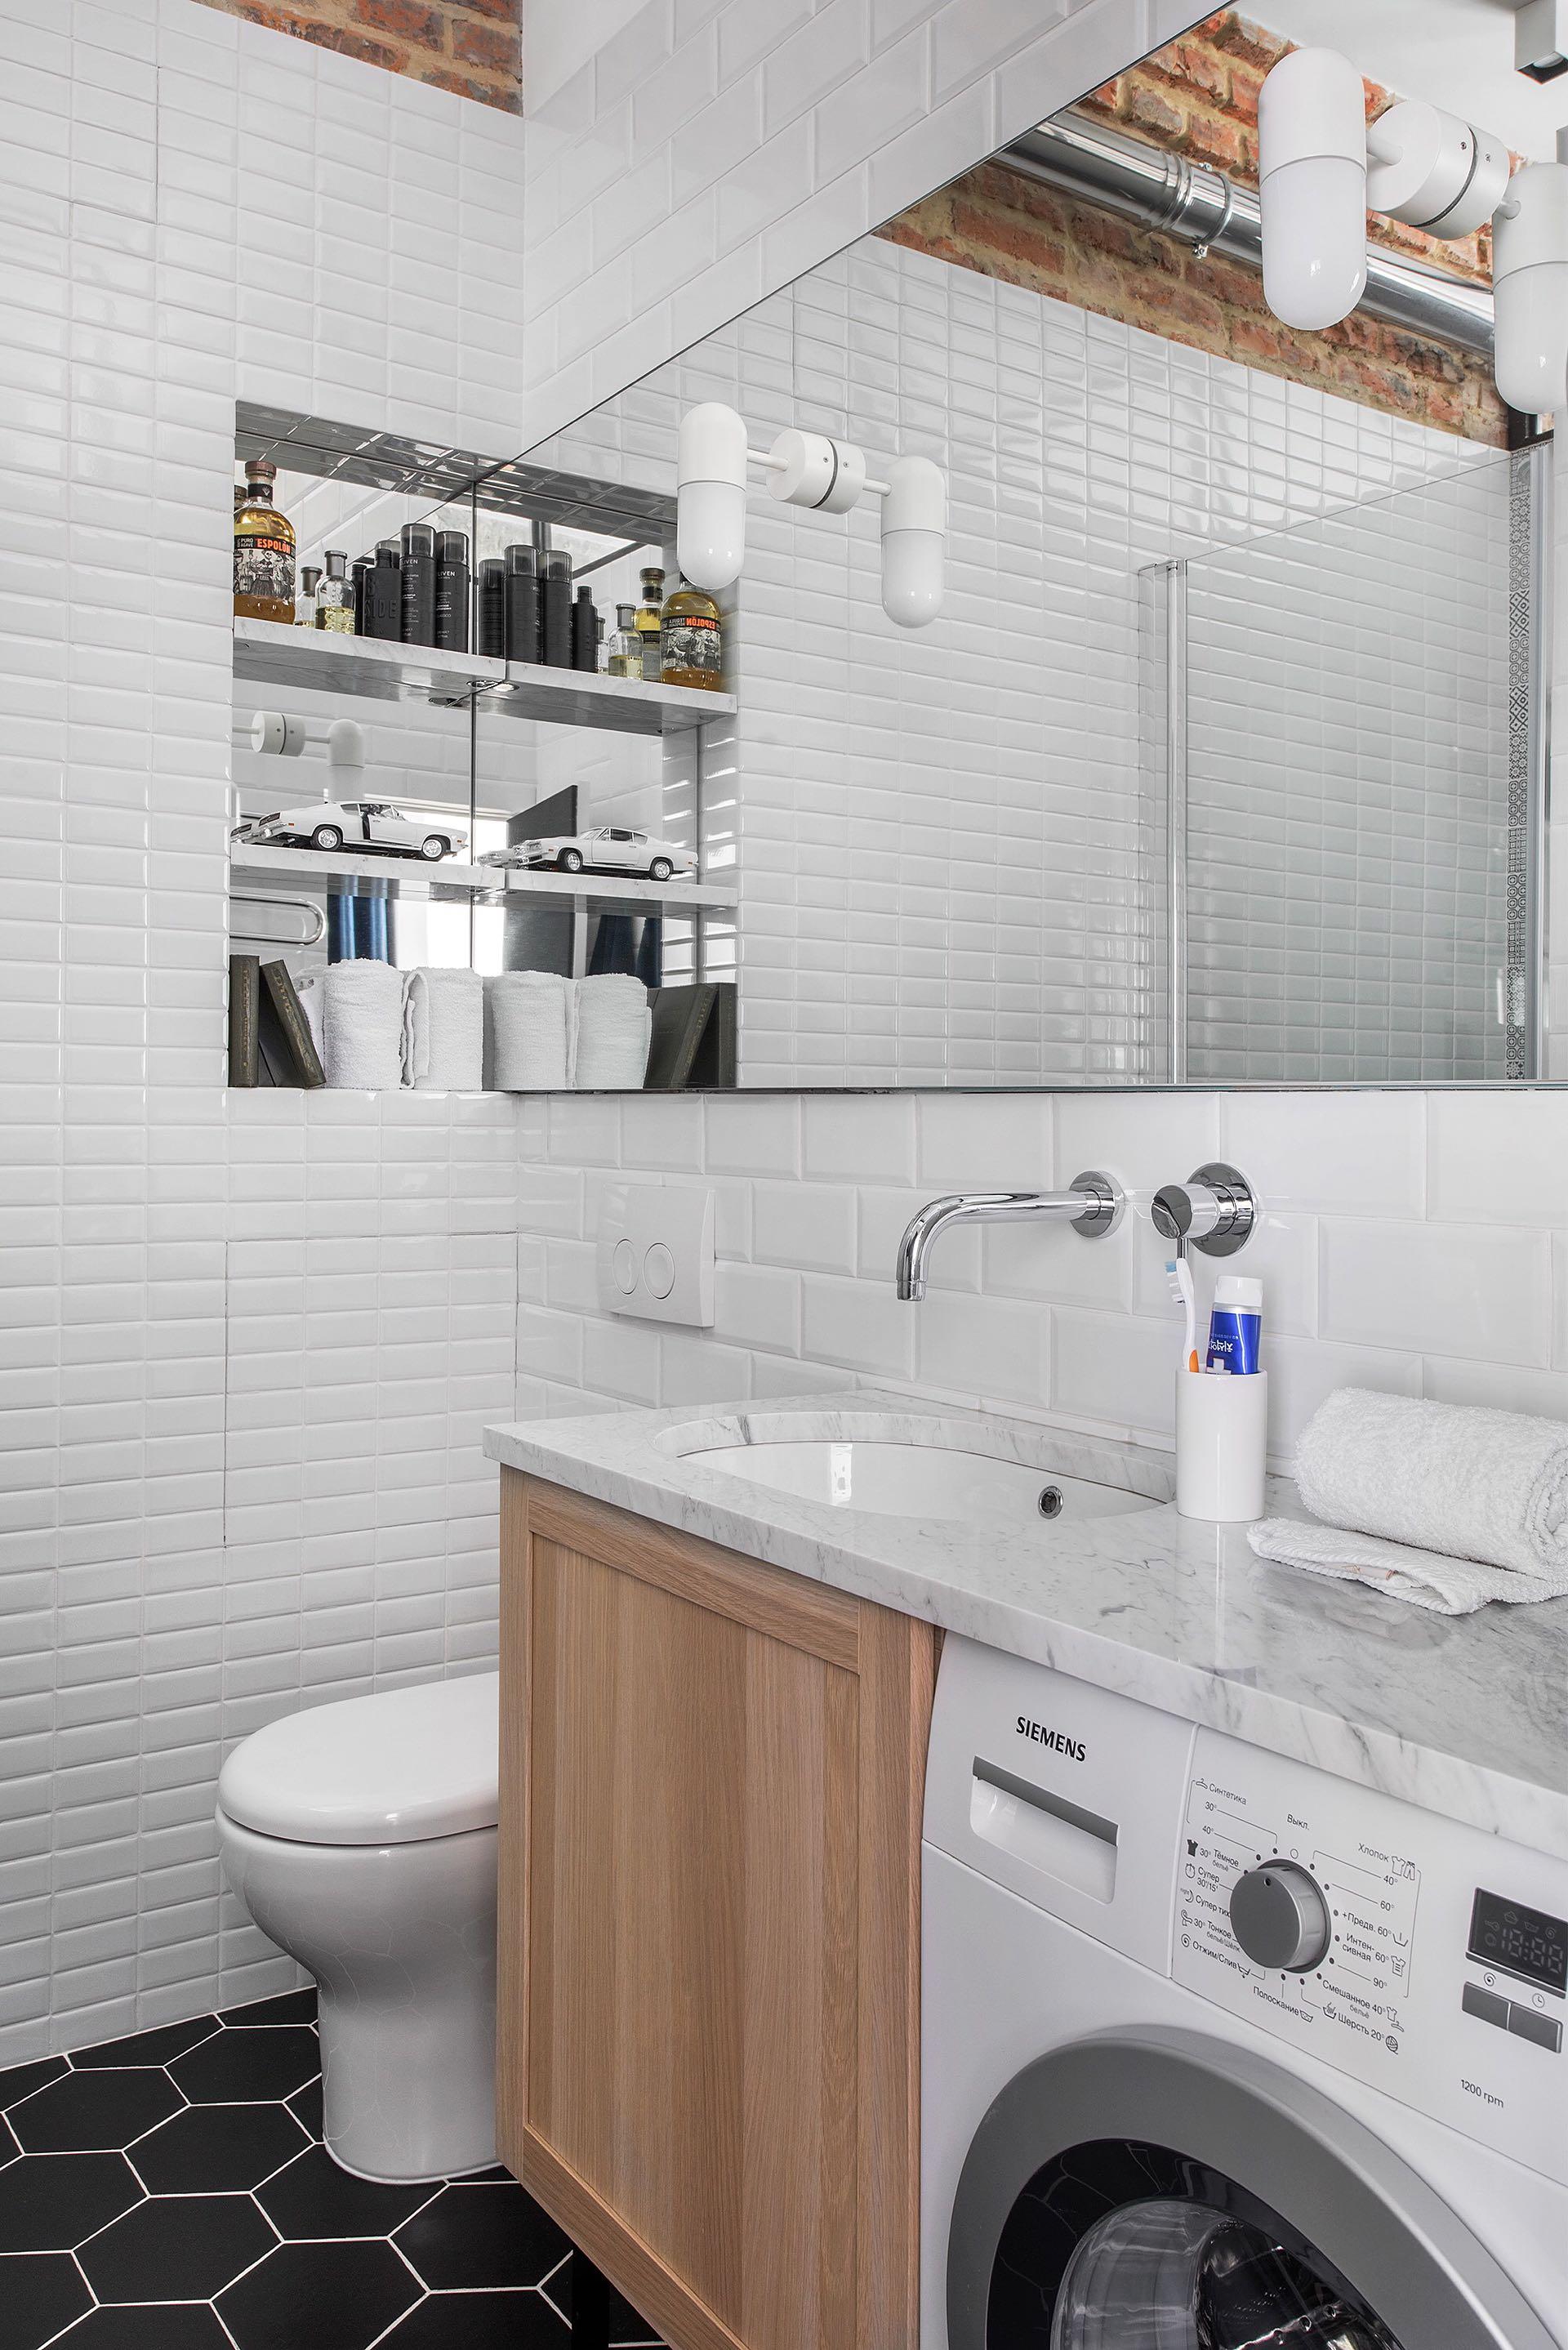 санузел белая плитка ниша полки зеркало столешница раковина встроенный смеситель комод стиральная машина